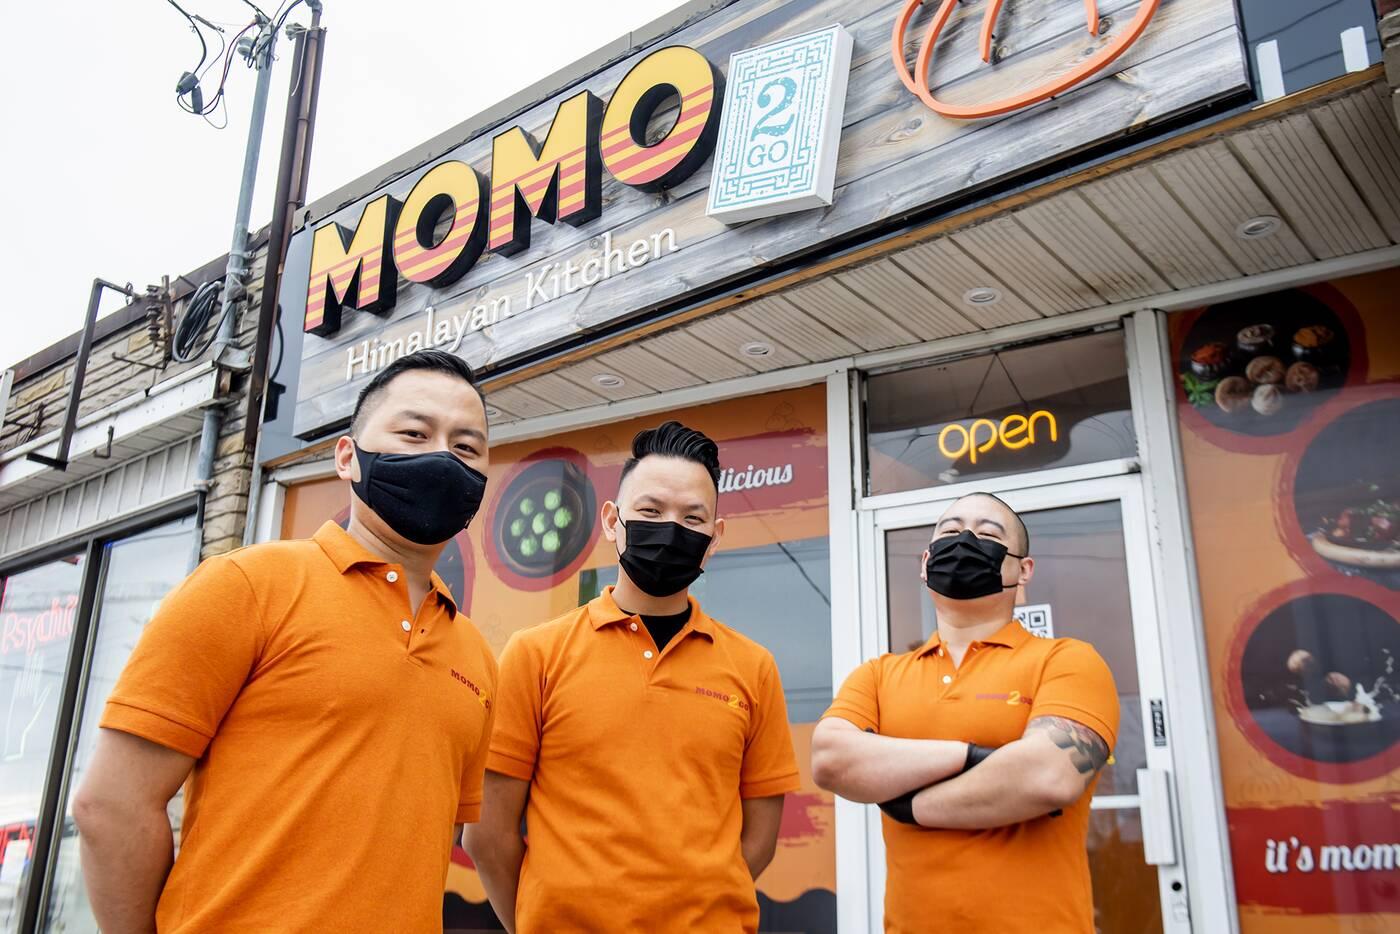 Momo 2 Go Toronto